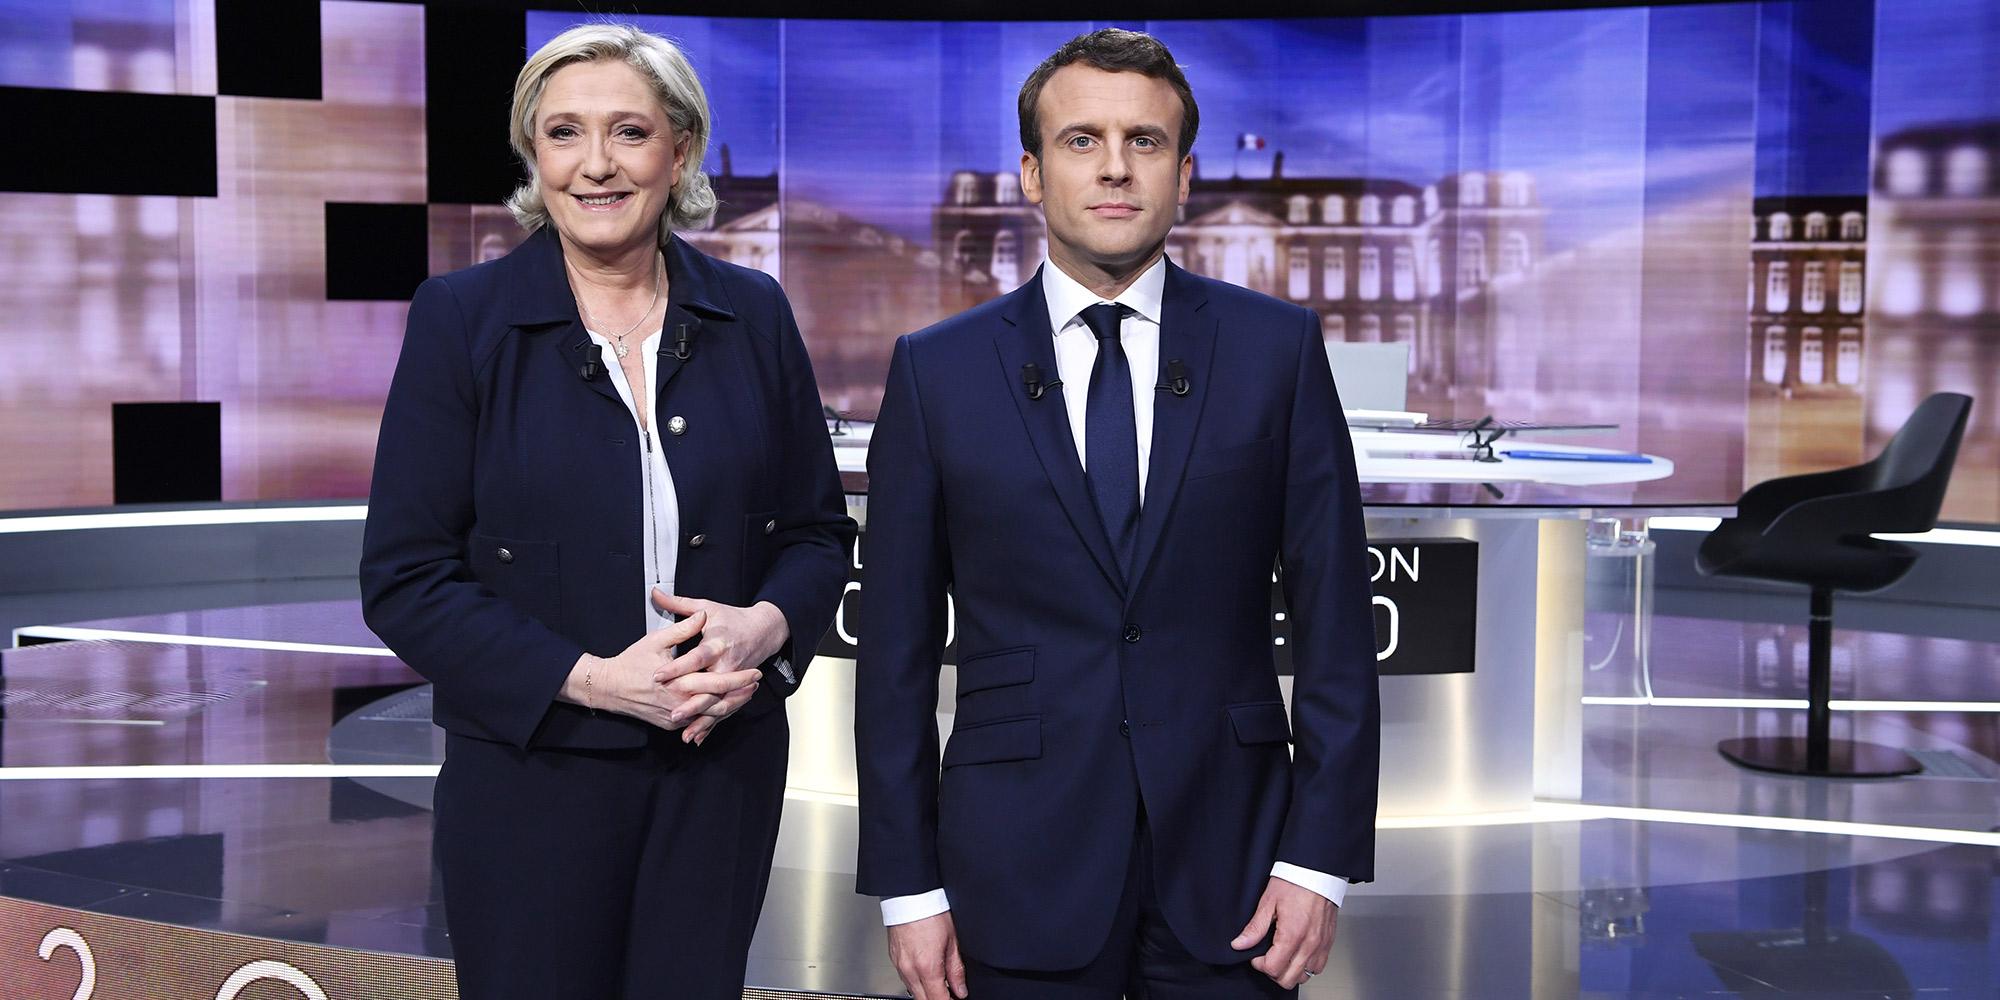 SONDAGE. Si on revotait aujourd'hui pour la présidentielle, Le Pen serait en tête, Macron tiendrait le choc